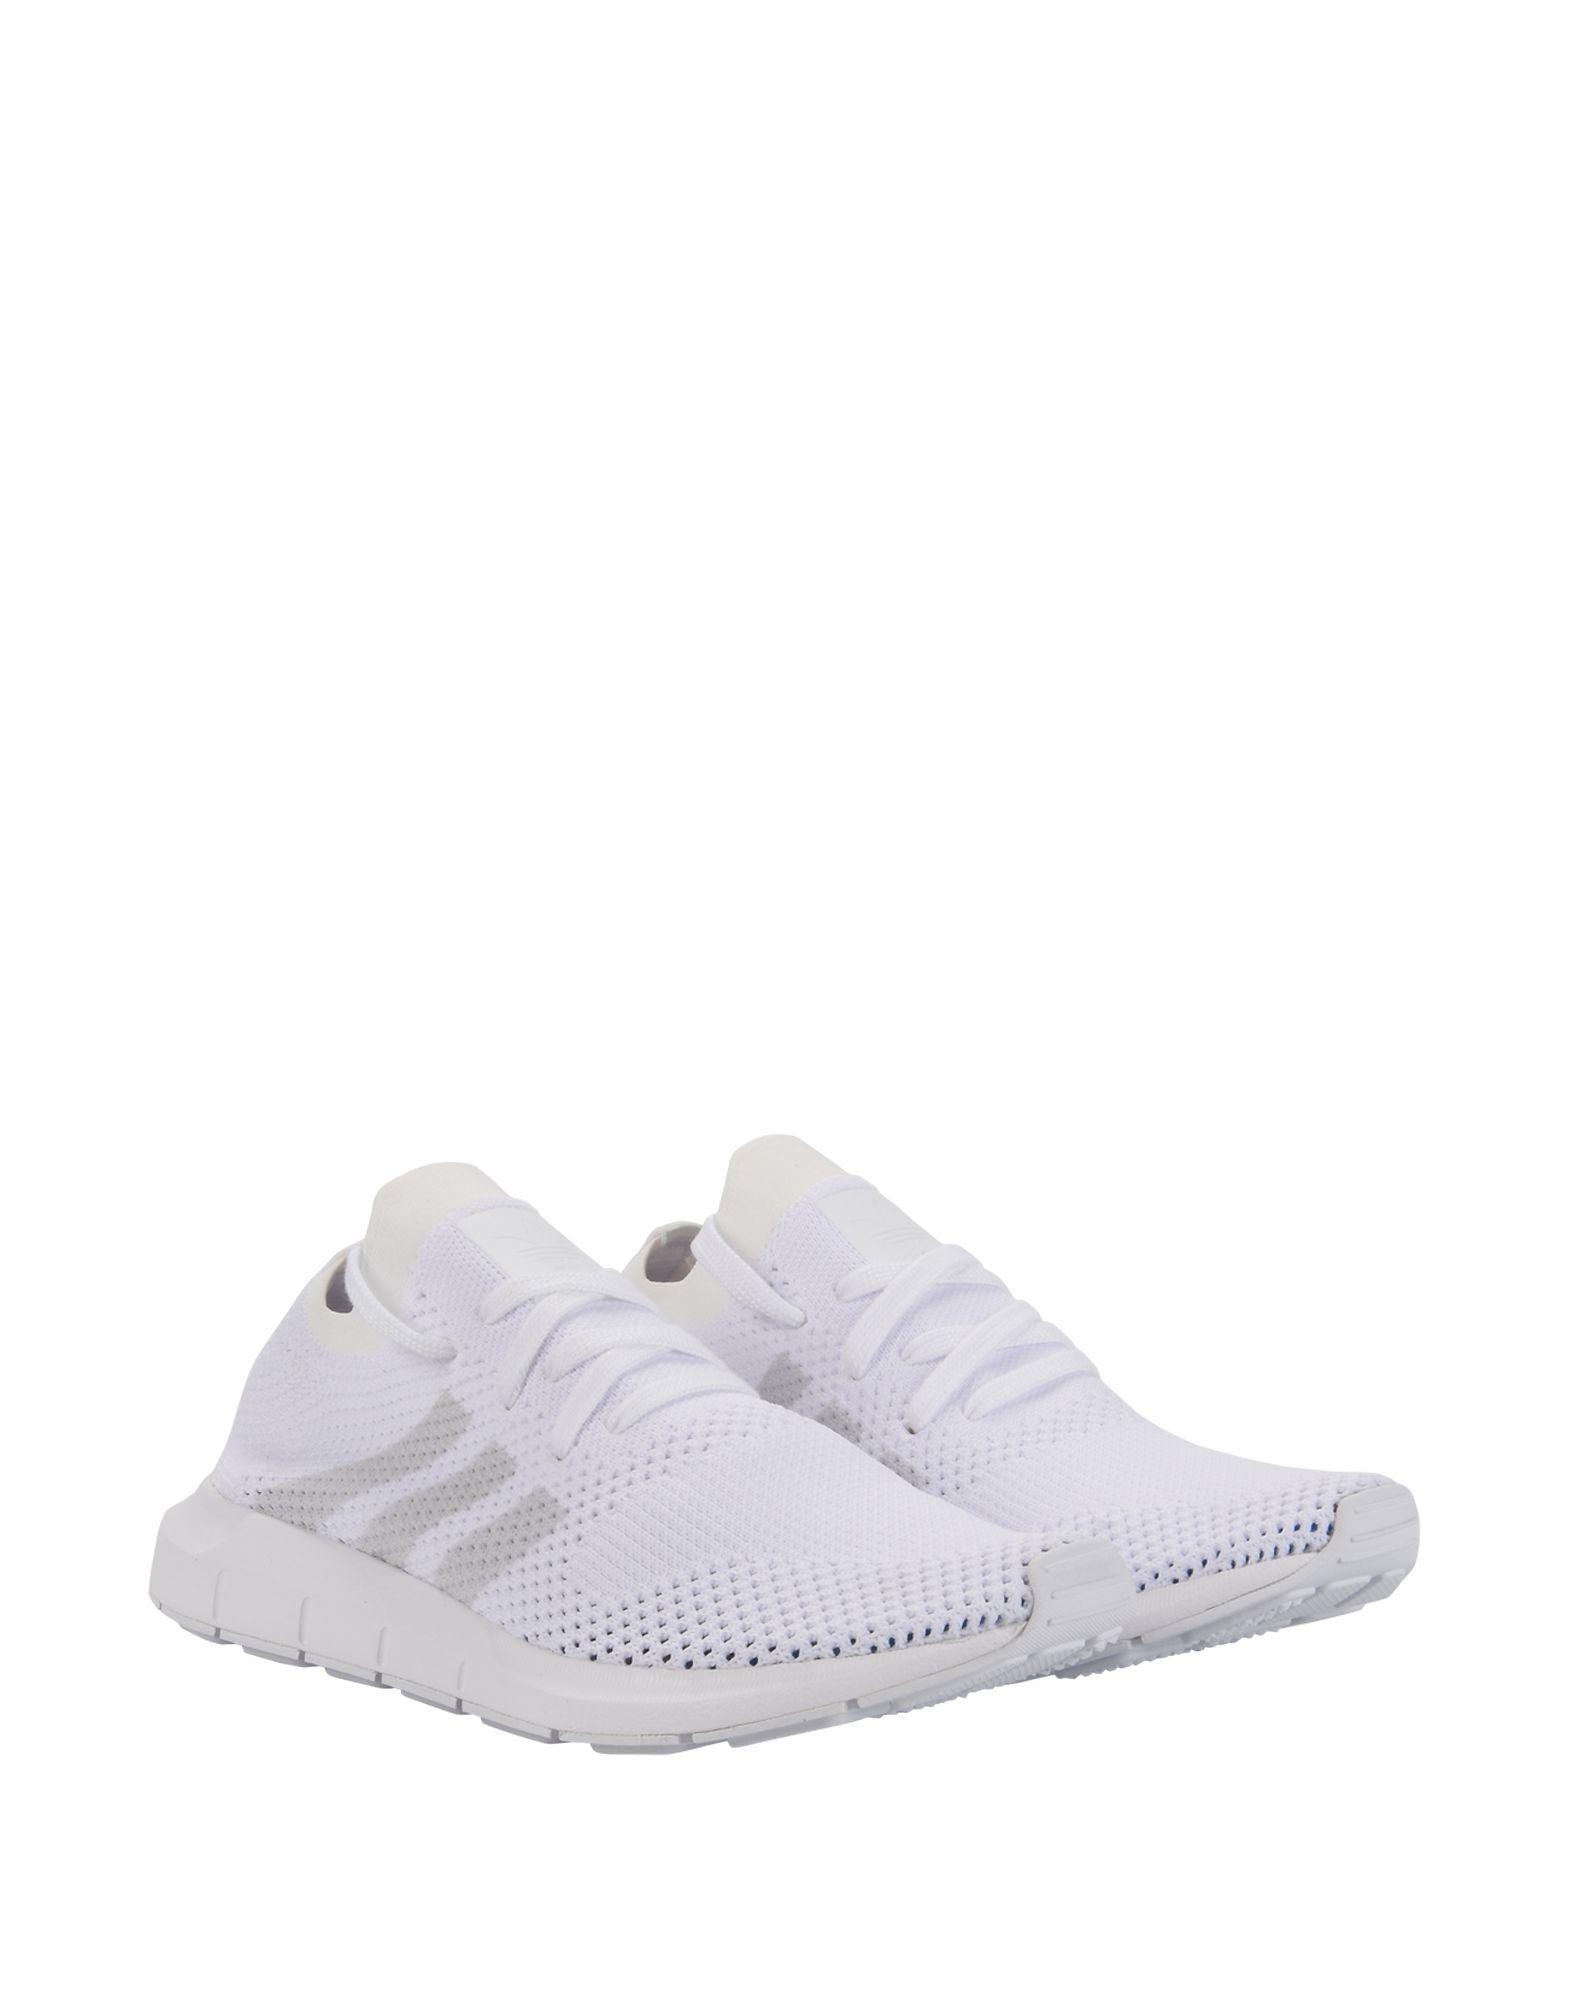 Adidas Originals Swift Run Pk  Schuhe 11415324PL Gute Qualität beliebte Schuhe  e9f404